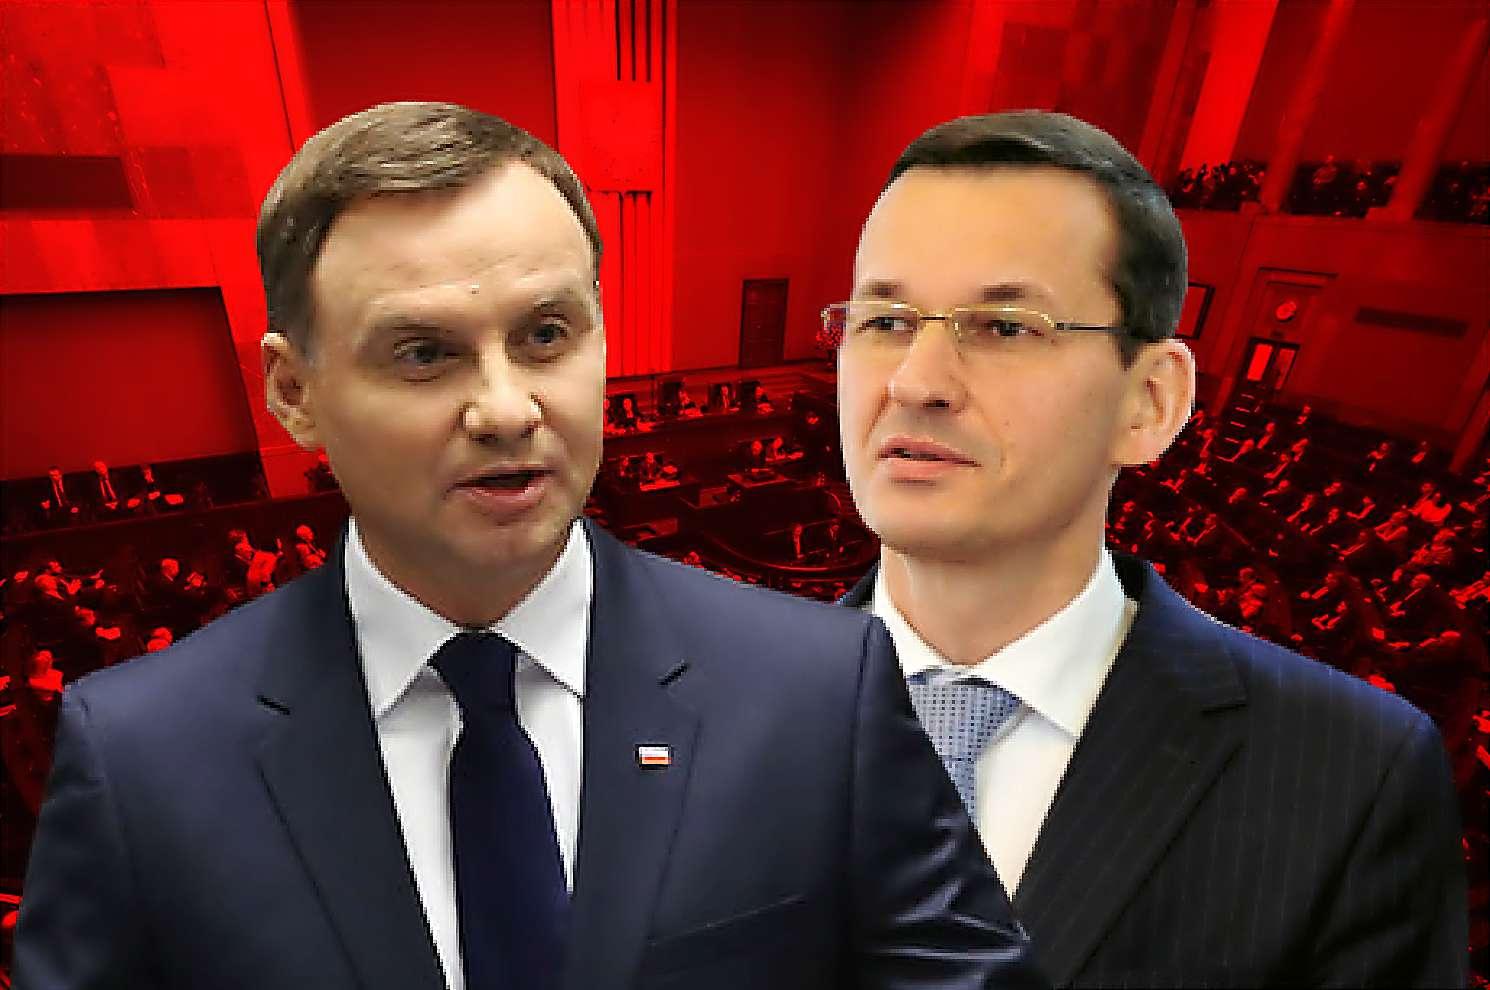 Międzynarodowe upokorzenie! Morawiecki i Duda poniżeni w Davos